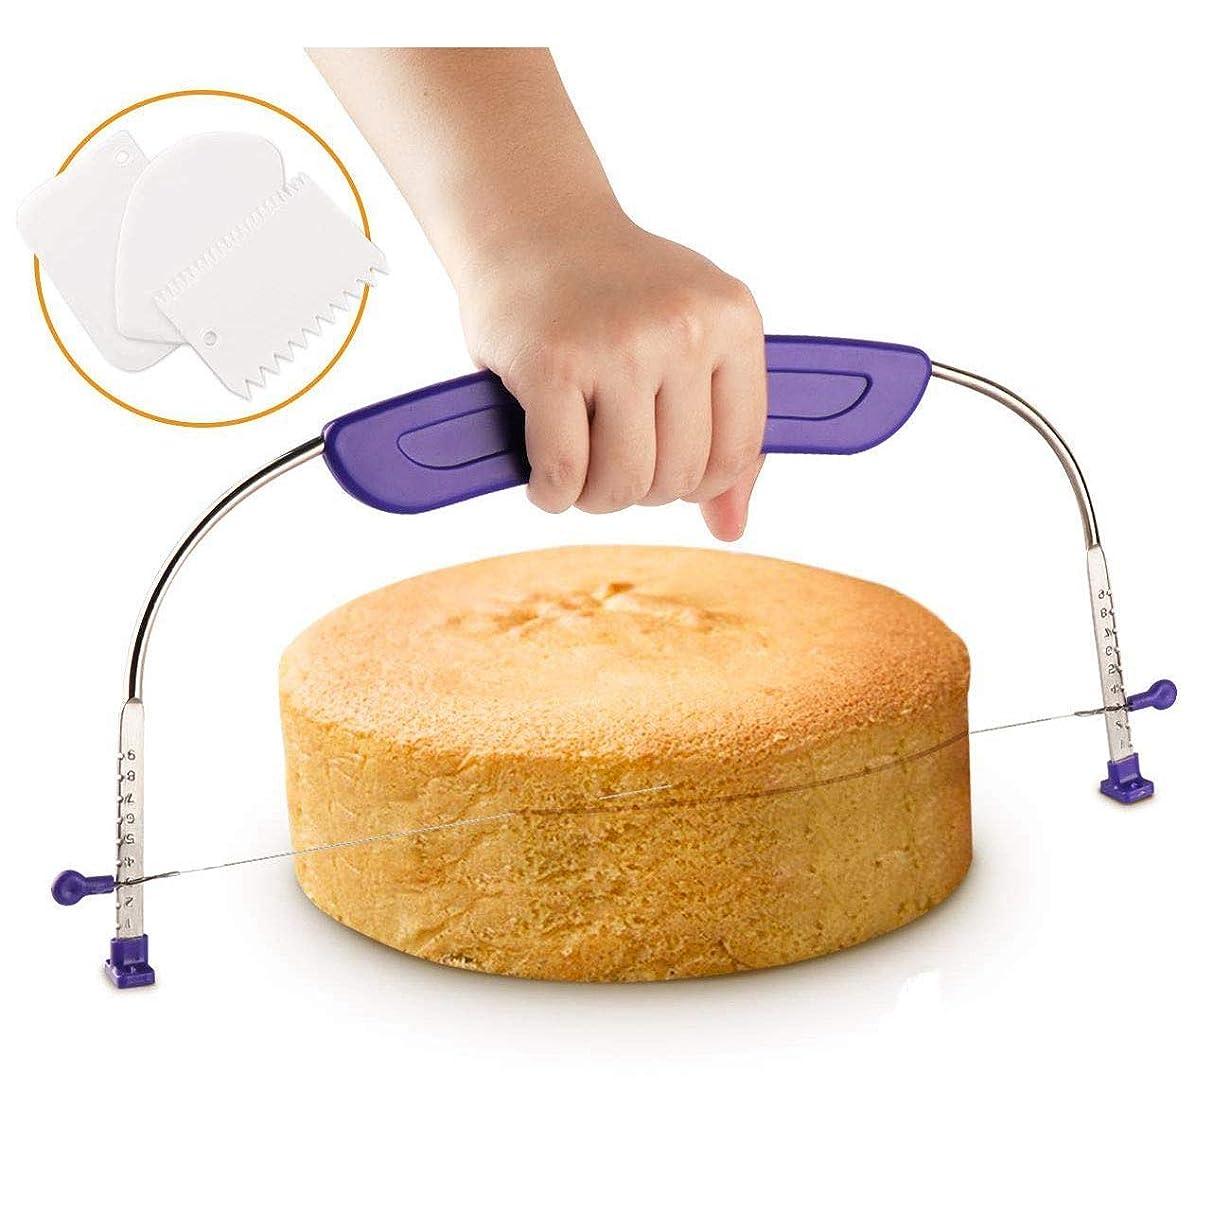 決めますペイントくるくるDIY調理ケーキソーナイフディバイダーレイヤー オムツスライサー DIYベーキングツール 半円型ツール 半円 3ピース